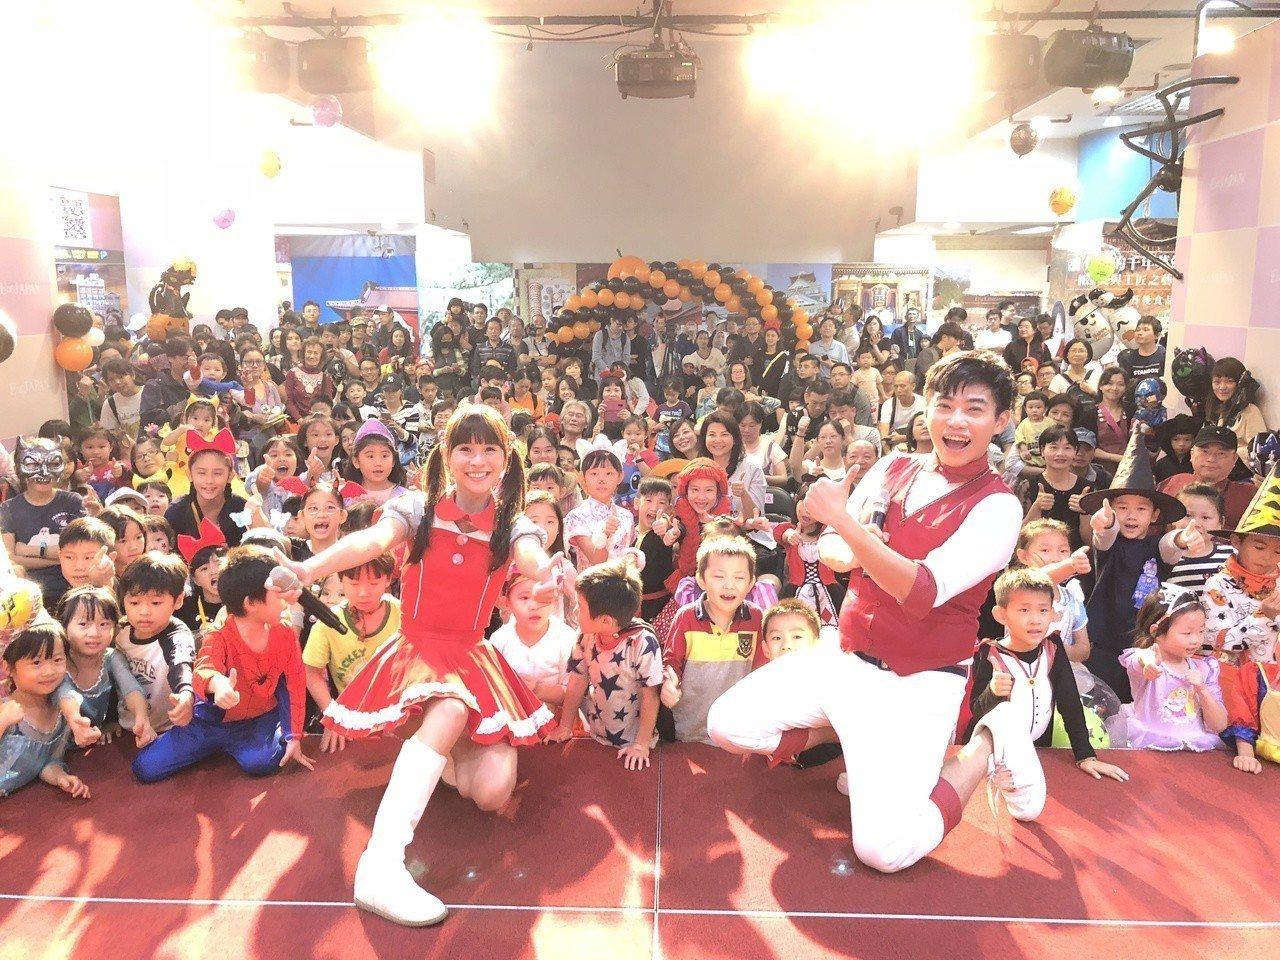 台北地下街萬聖節活動全體參與民眾合影/台北地下街提供